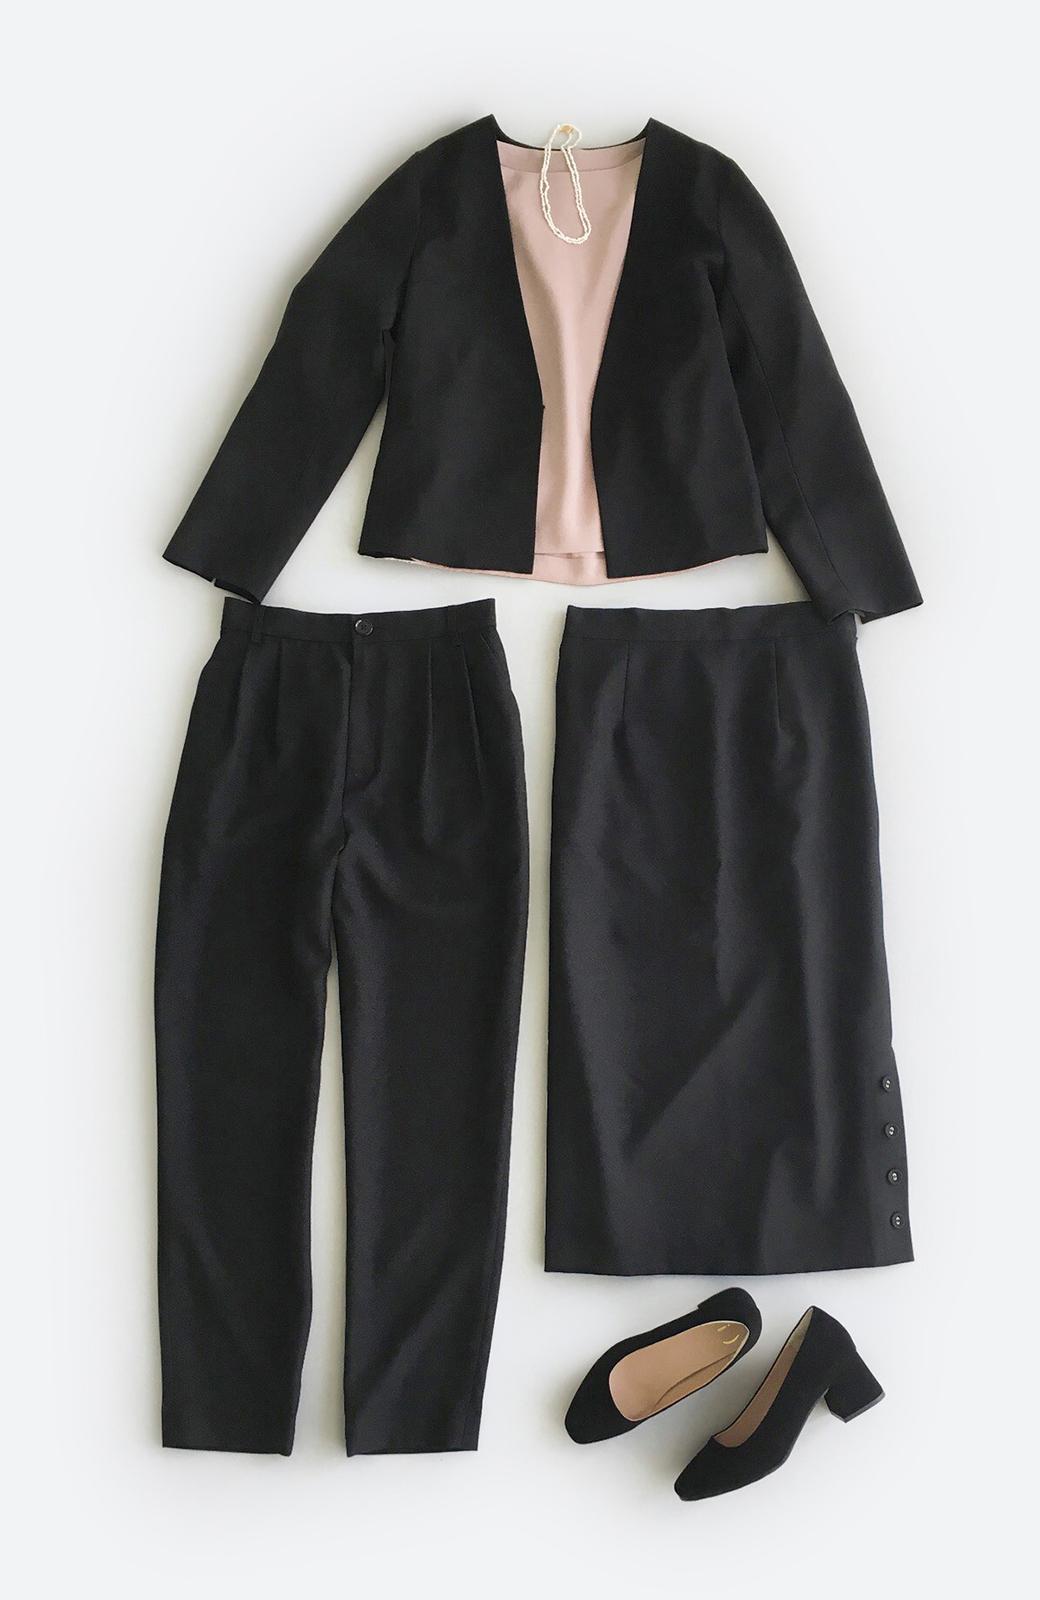 haco! 持っていると便利な野暮ったくならないフォーマルジャケット・パンツ・スカートの3点セット <ブラック>の商品写真1